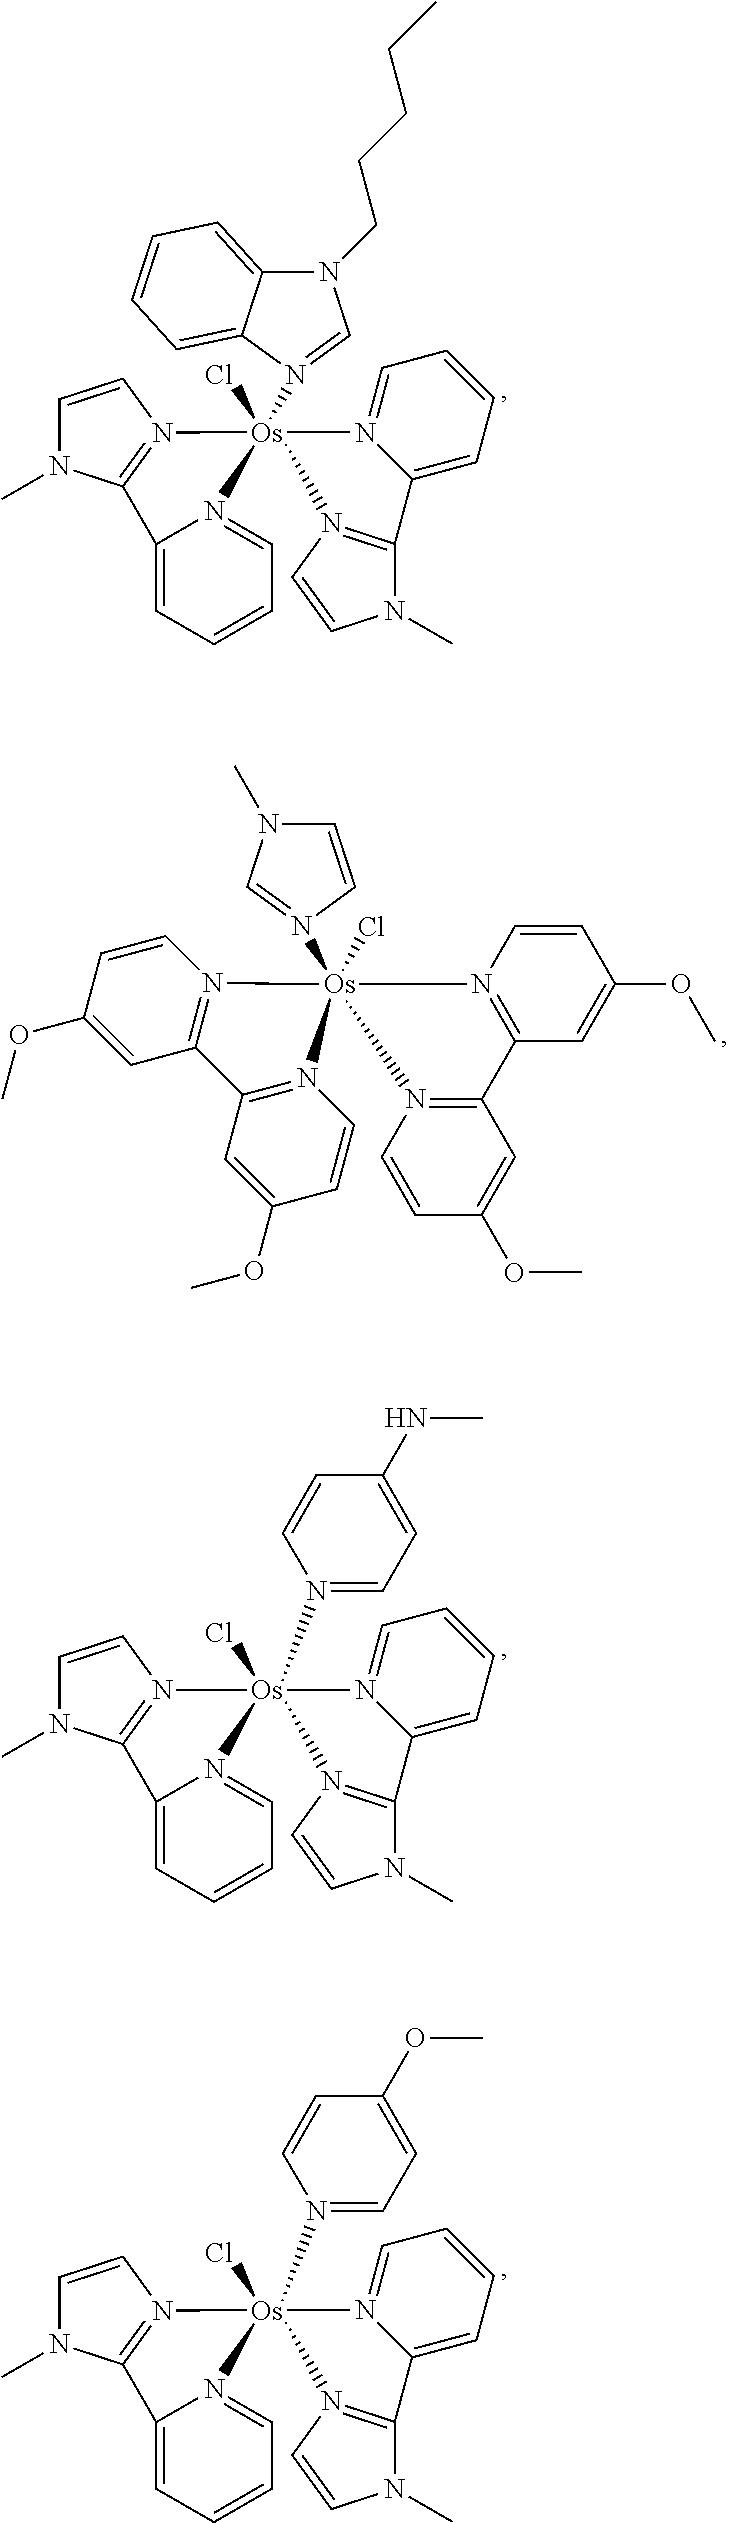 Figure US08262874-20120911-C00087